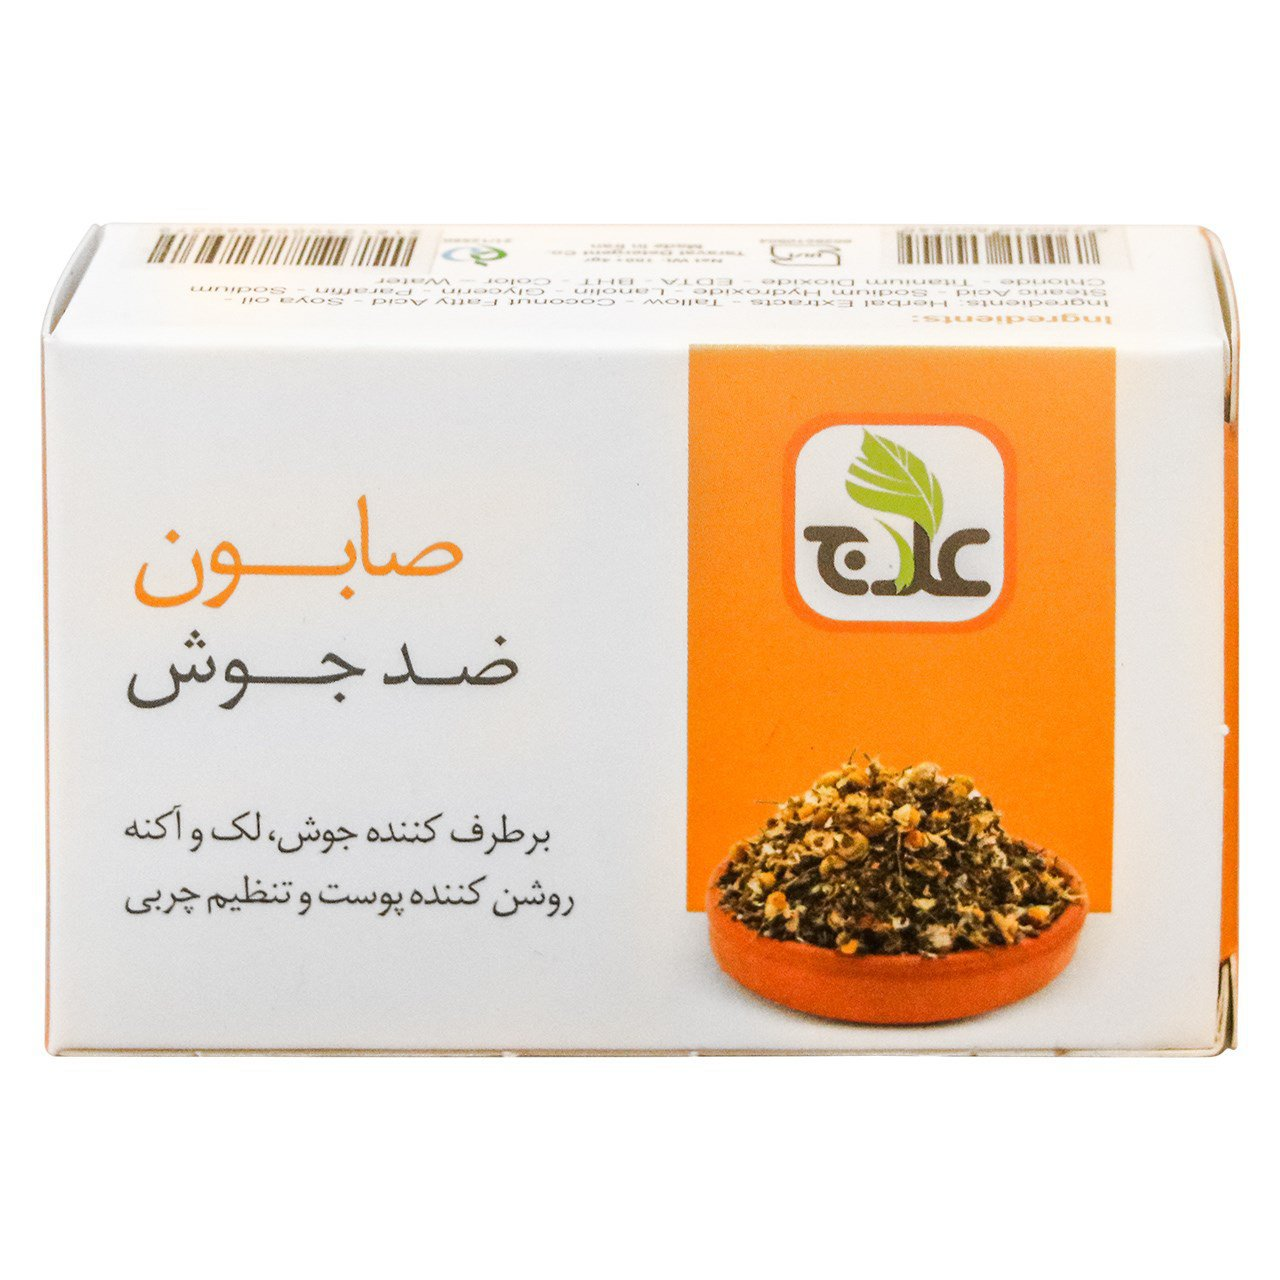 صابون ضد جوش علاج مقدار 100 گرم